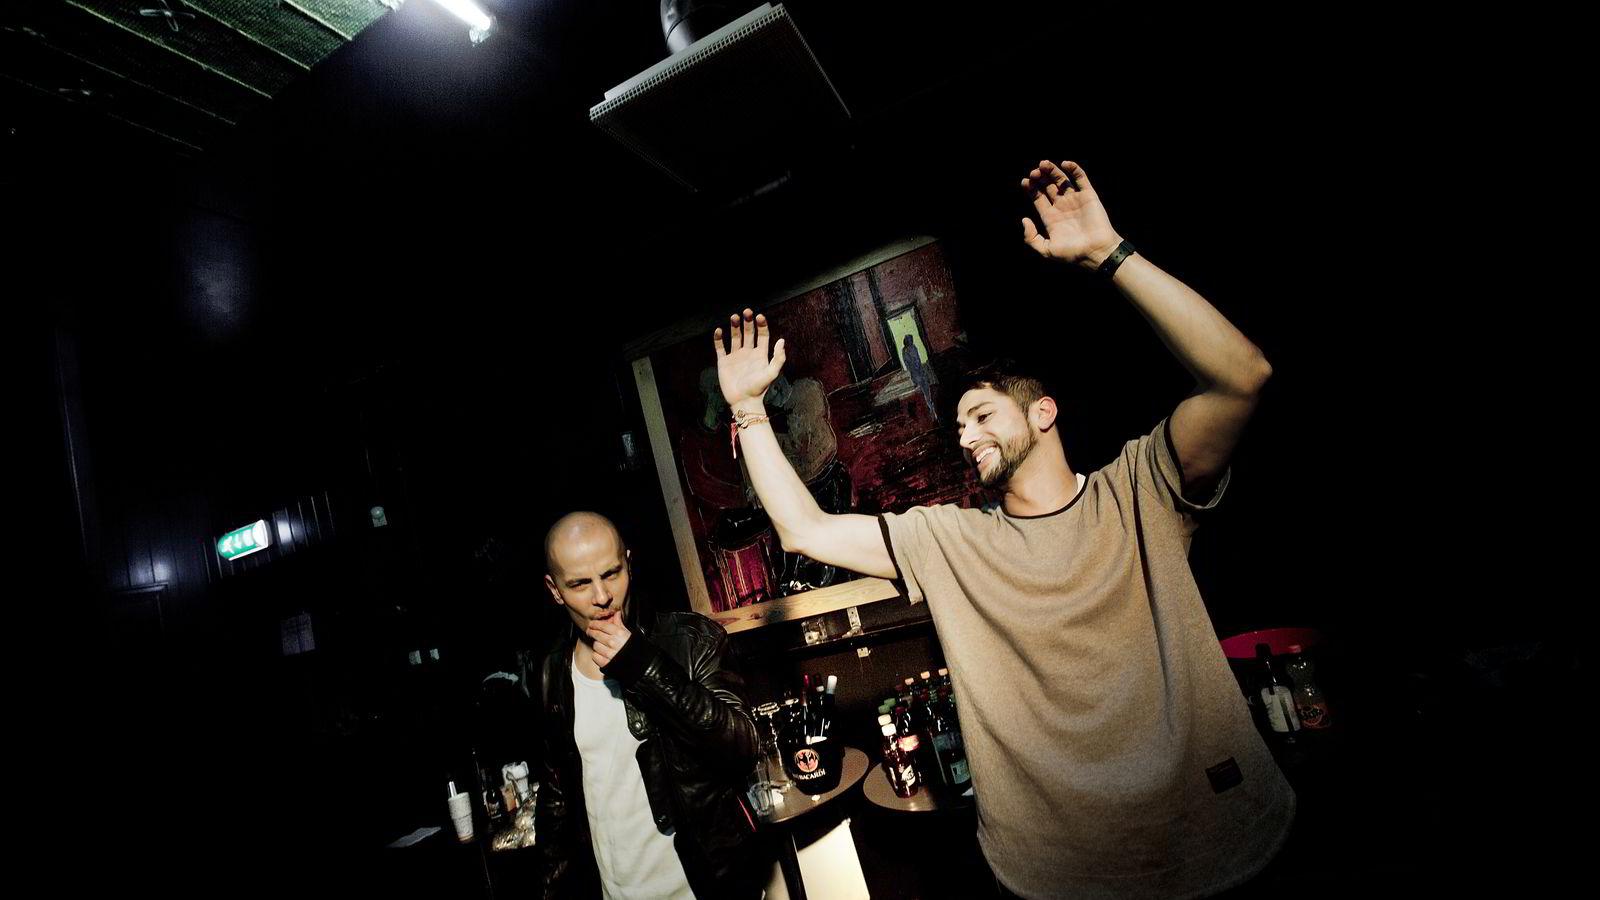 Magdi Omar Ytreeide Abdelmaguid (t.v) og Chirag Patel under en konsert på Lillehammer i 2012 Foto: Linda Næsfeldt